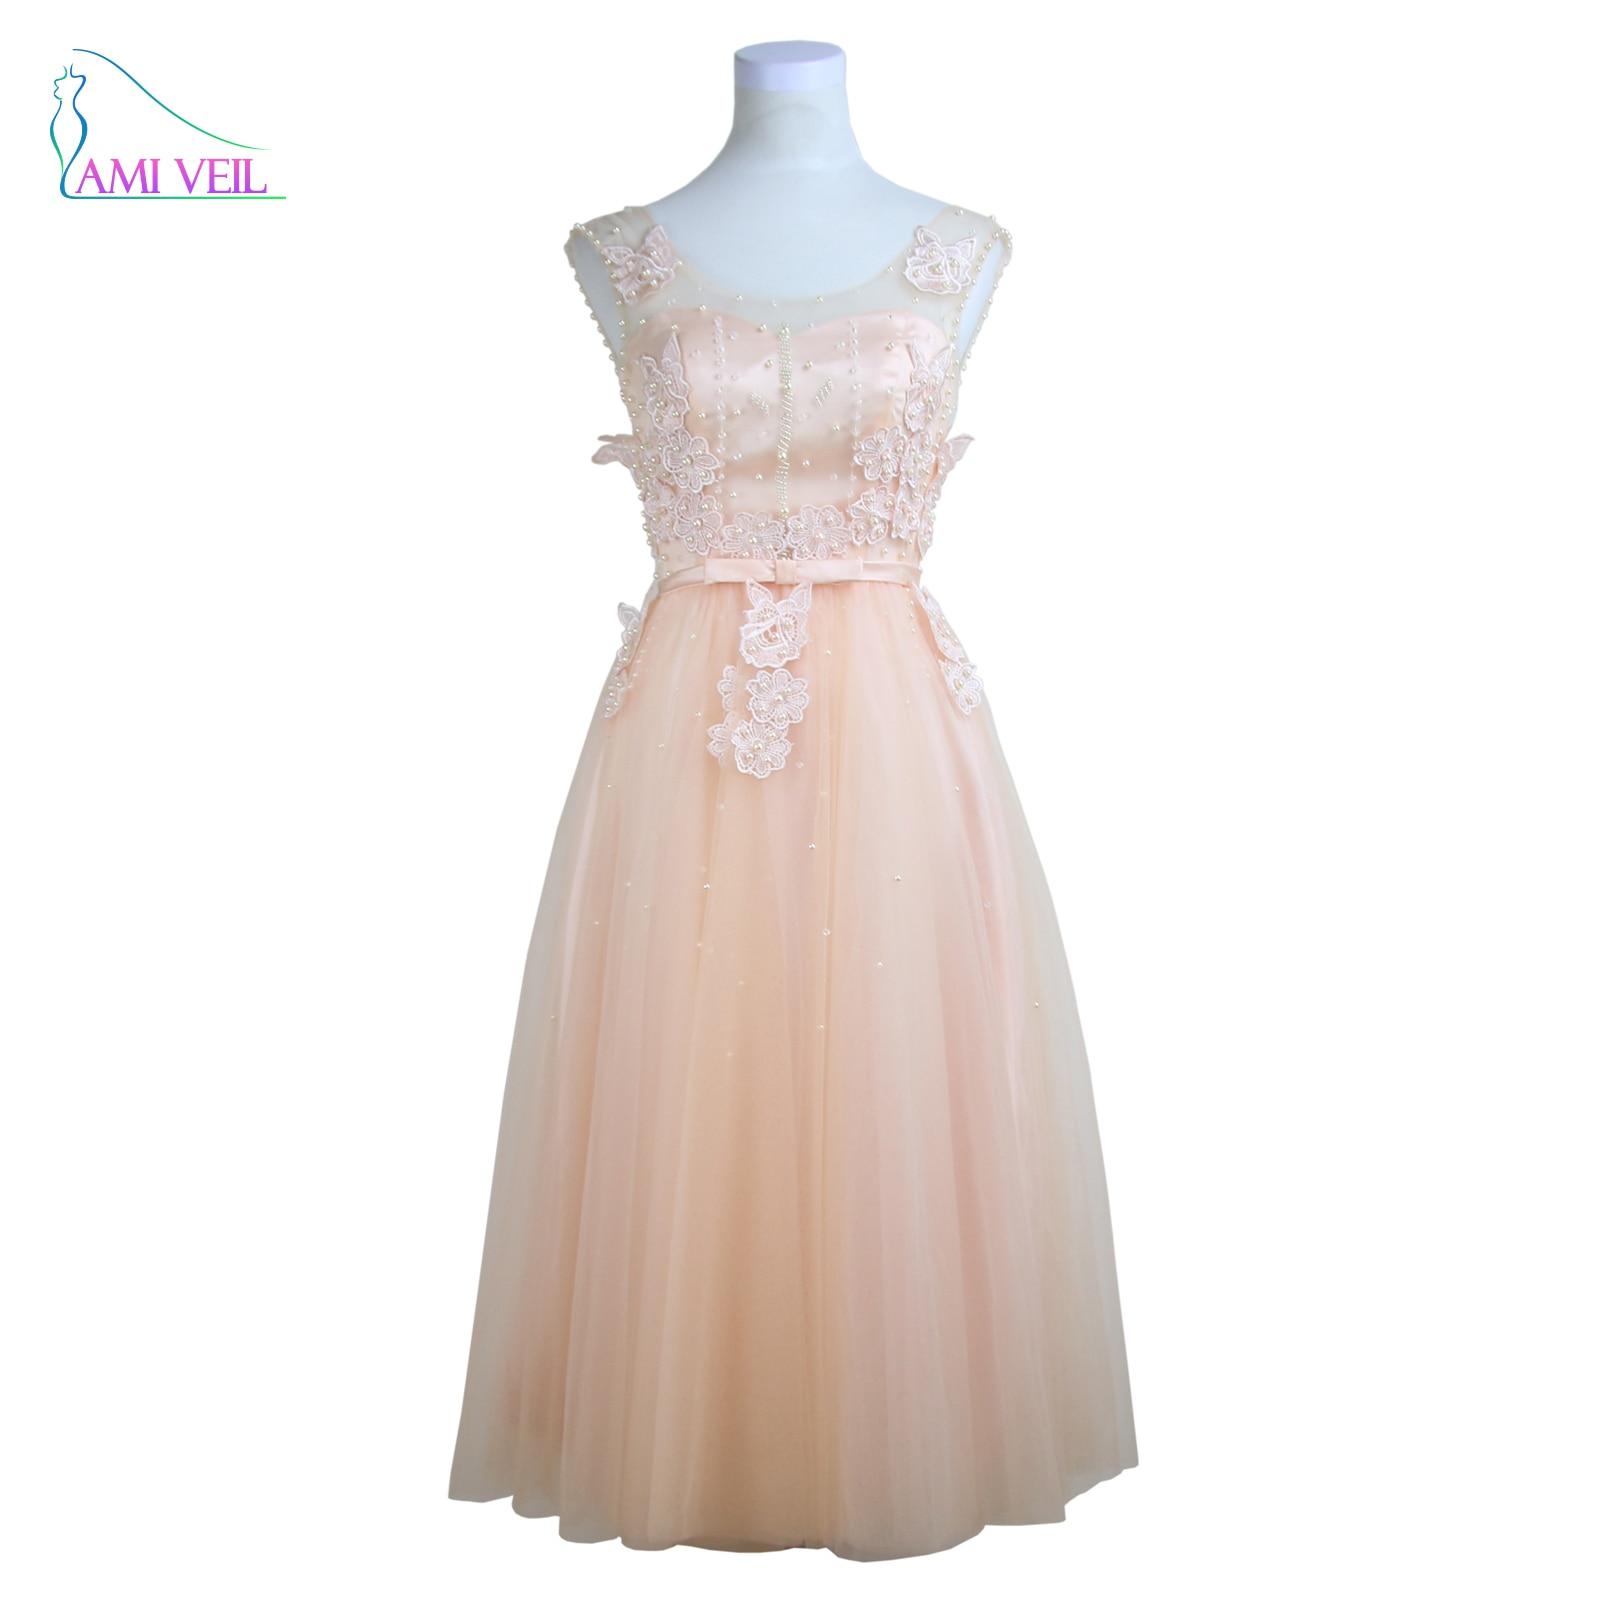 Tolle Rosa Kleider Für Partei Fotos - Hochzeit Kleid Stile Ideen ...